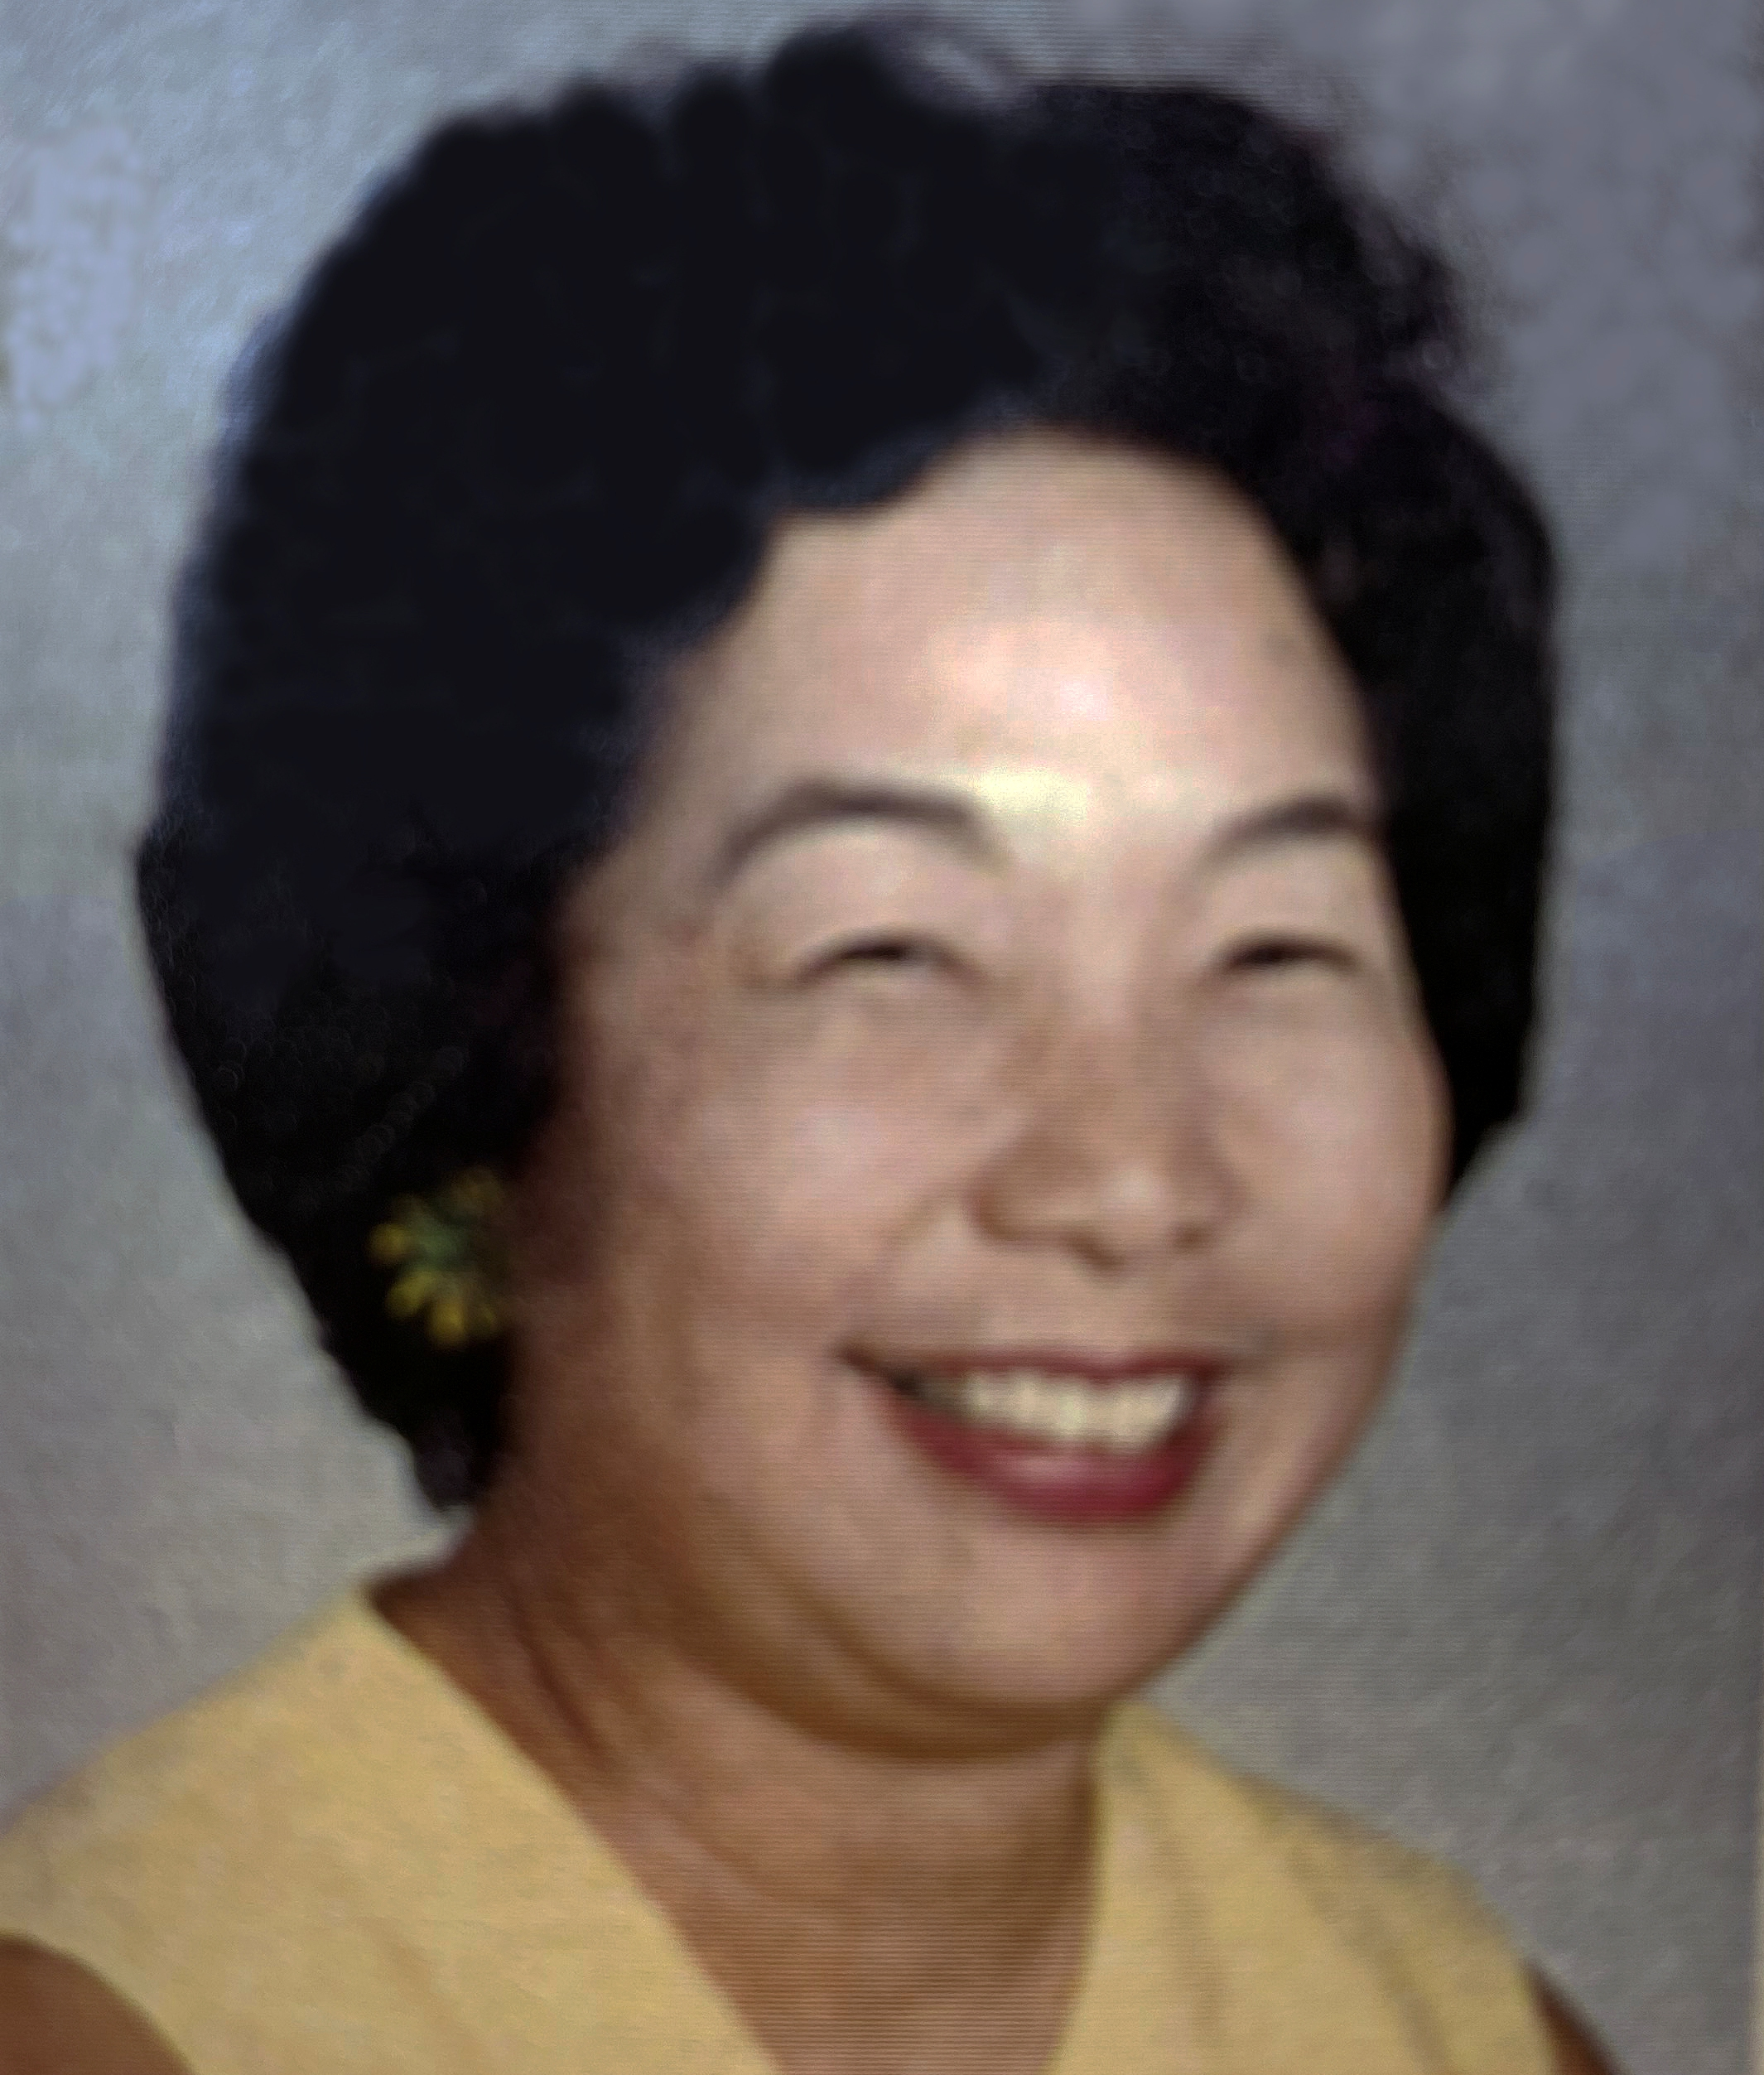 MILDRED CHIYOKO HOSOKAWA